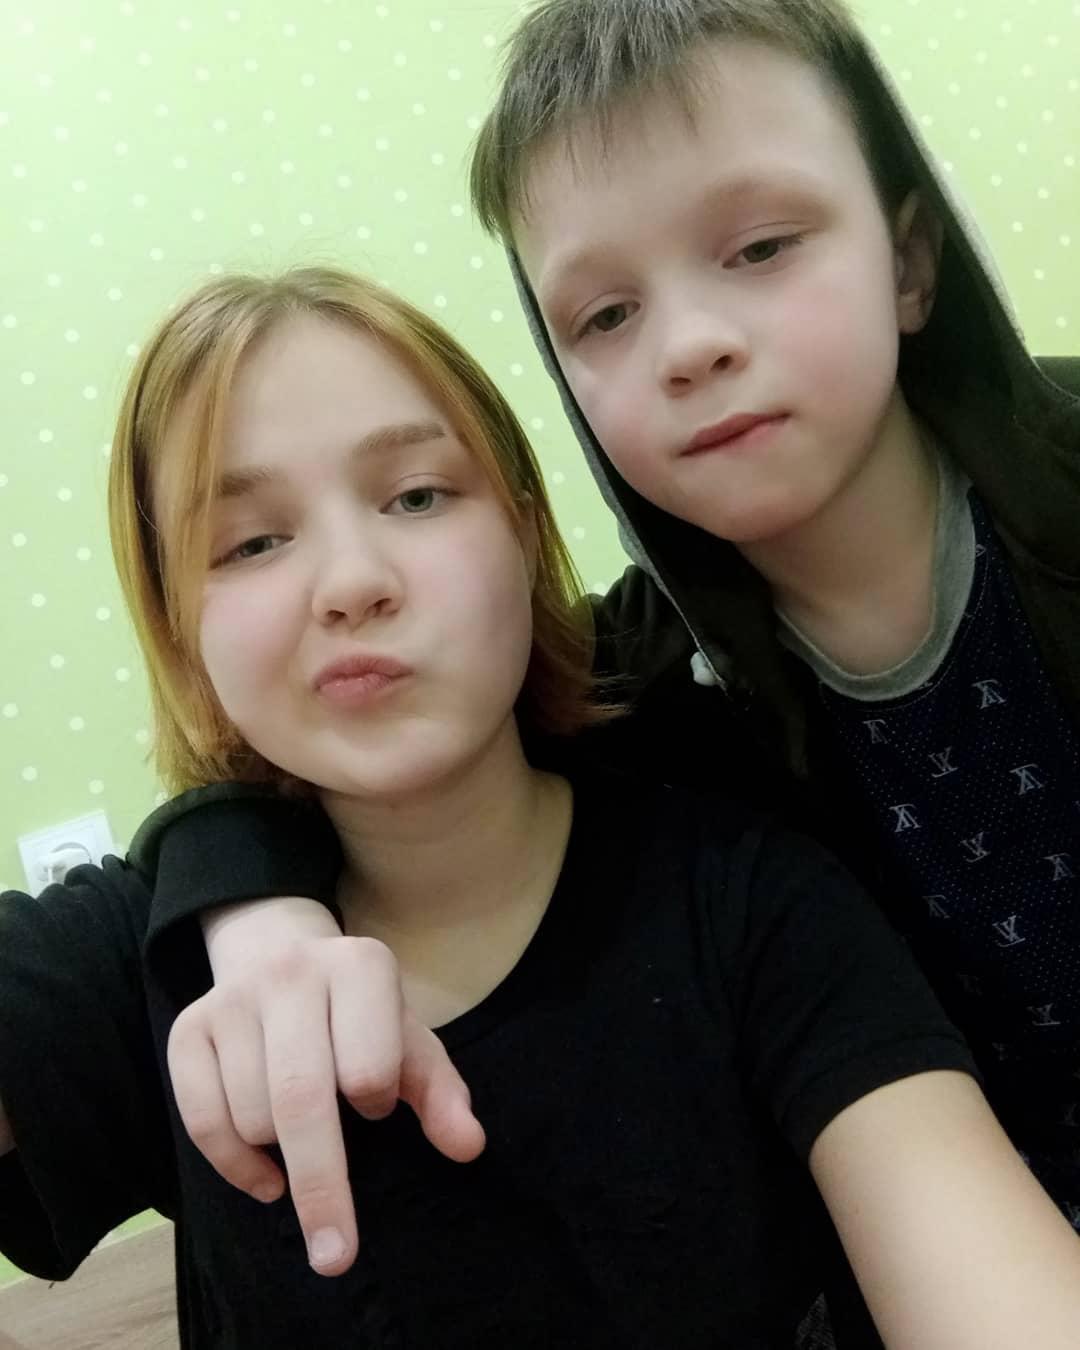 rövidlátás egy 14 éves fiúban)